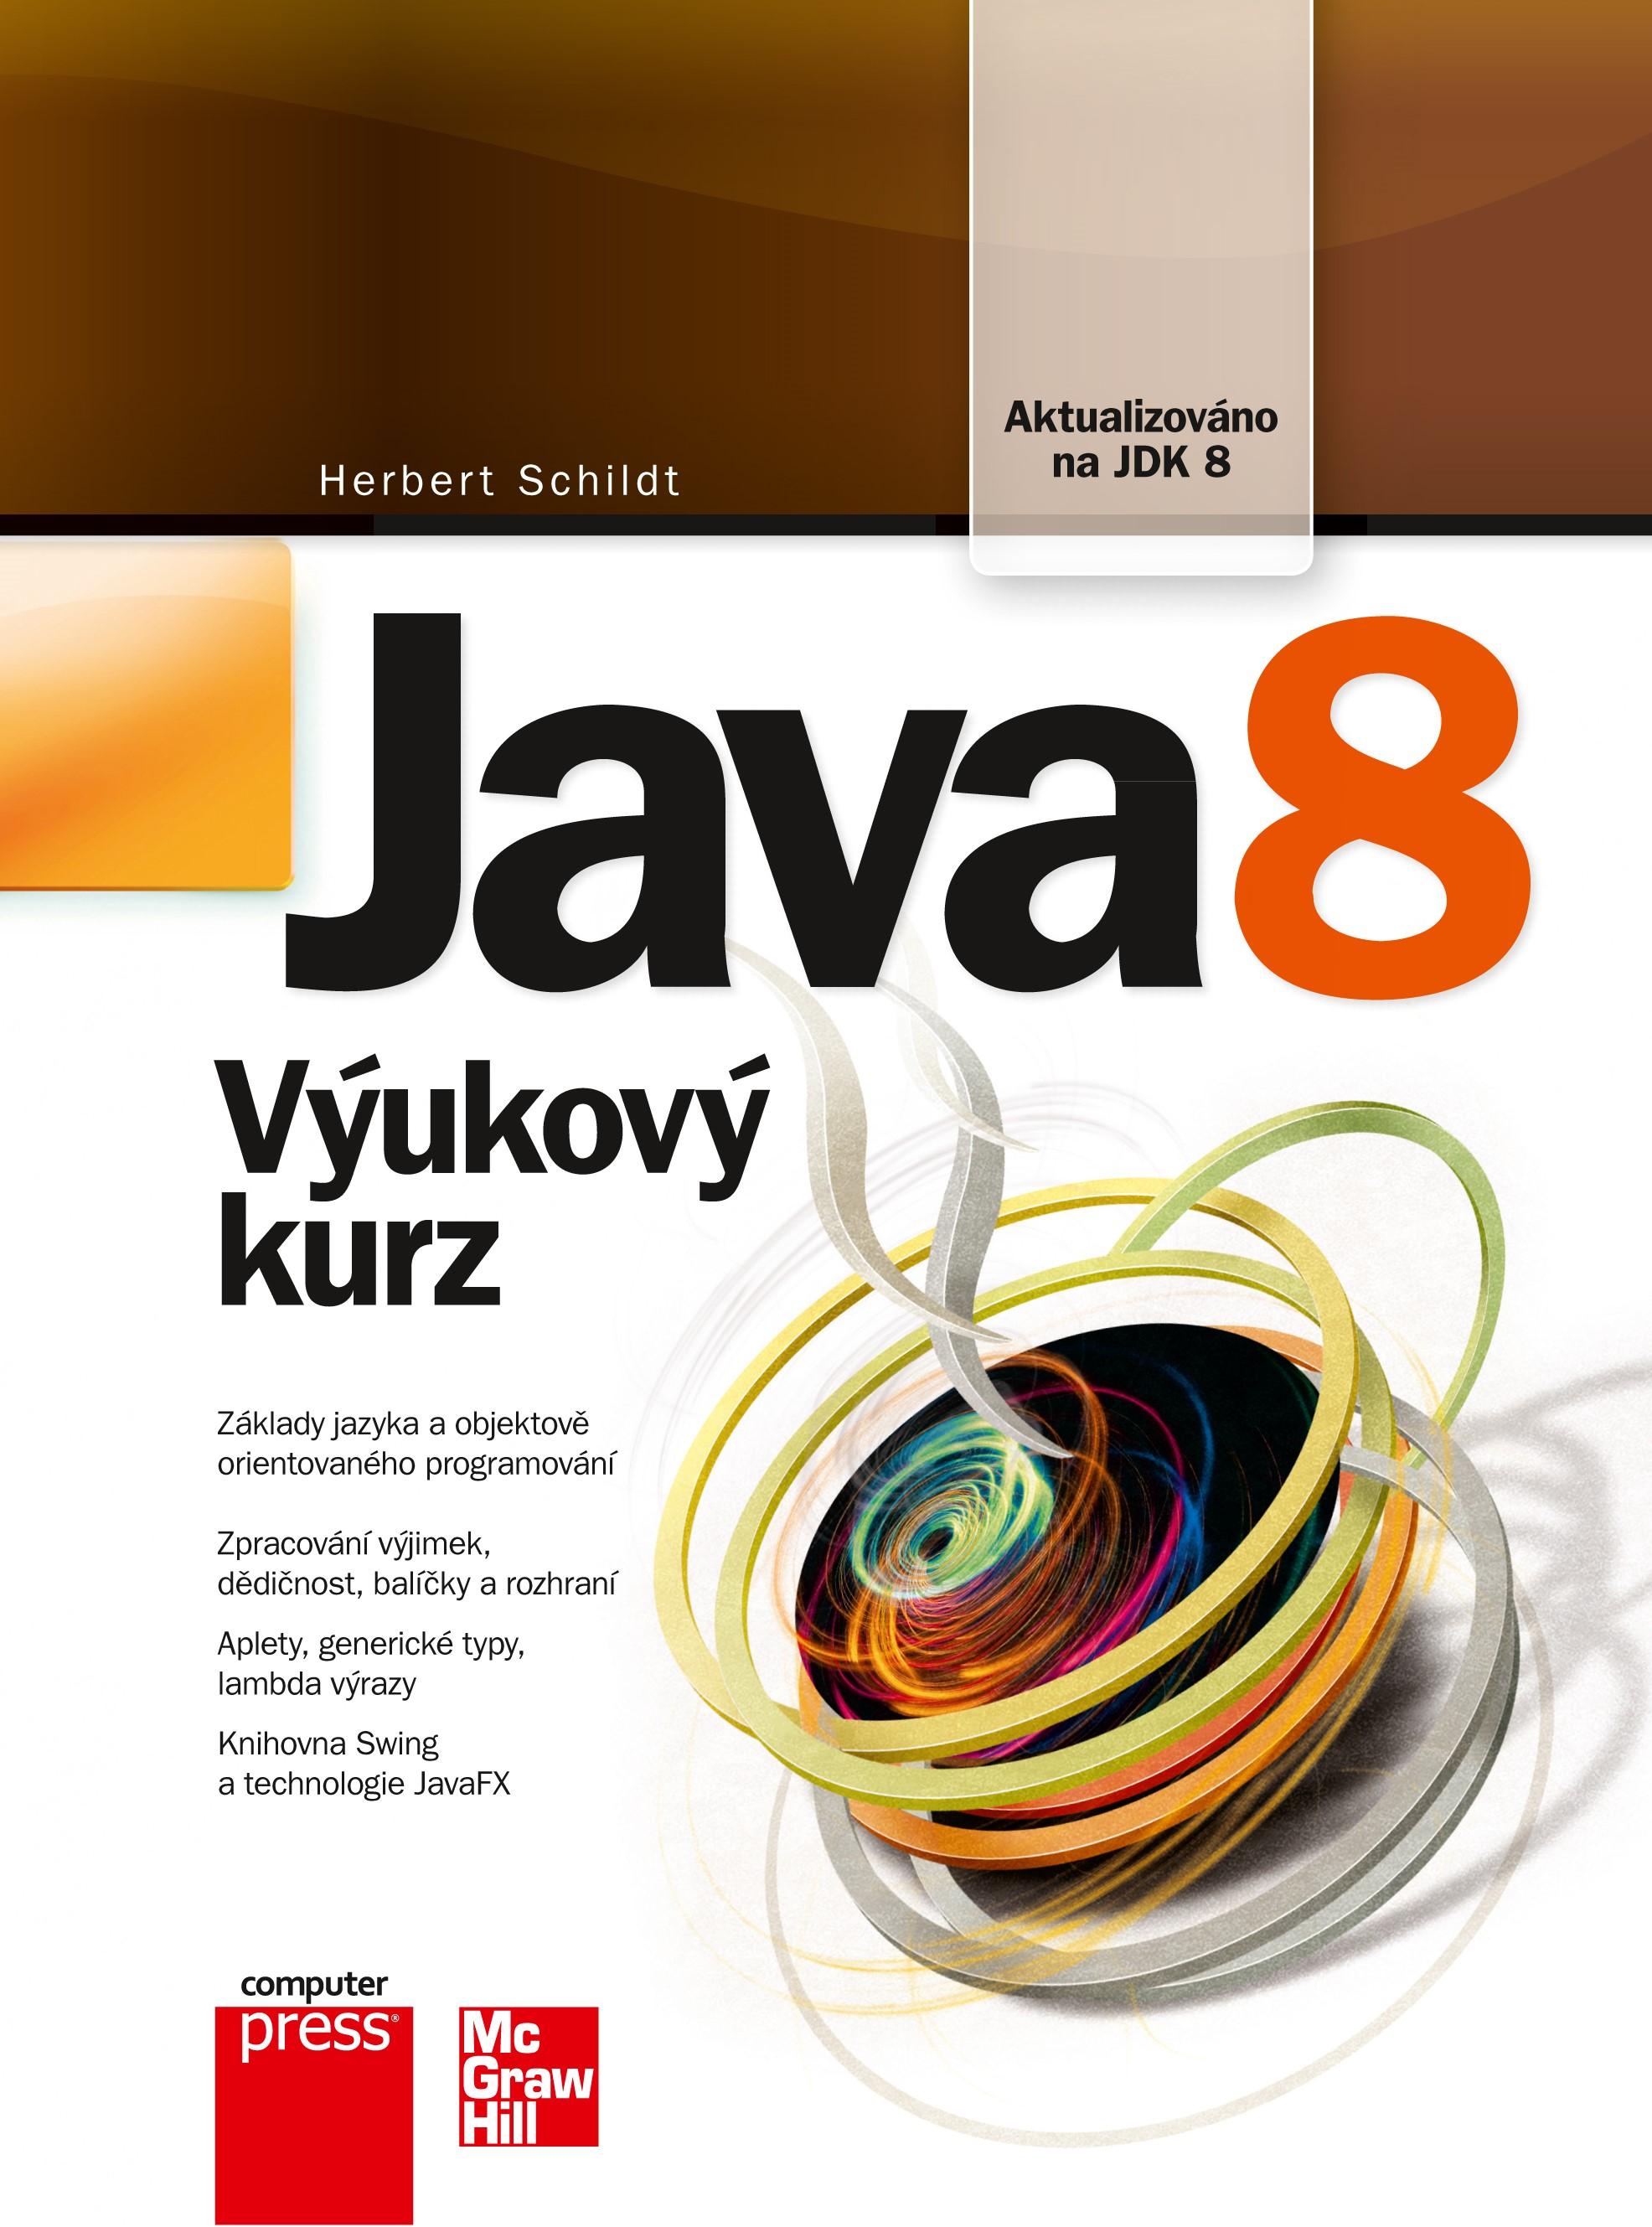 Java 8 | Herbert Schildt